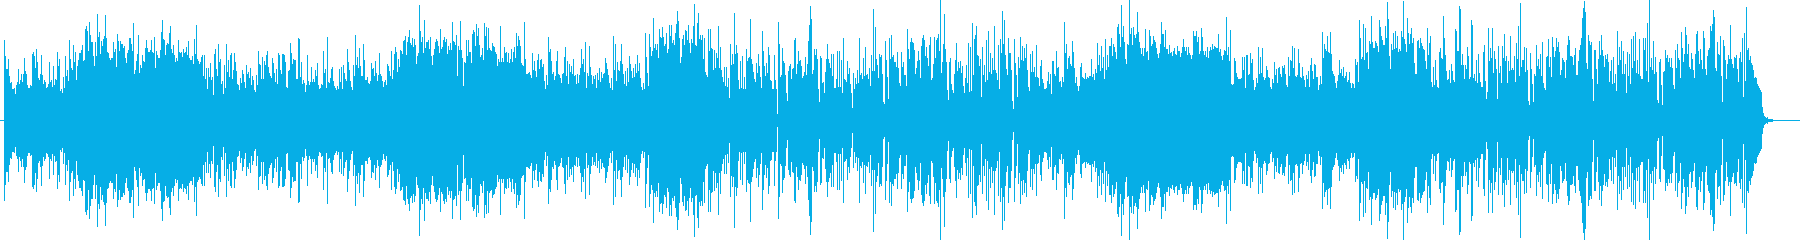 ほのぼの系シンセタンバリンなどサウンドの再生済みの波形